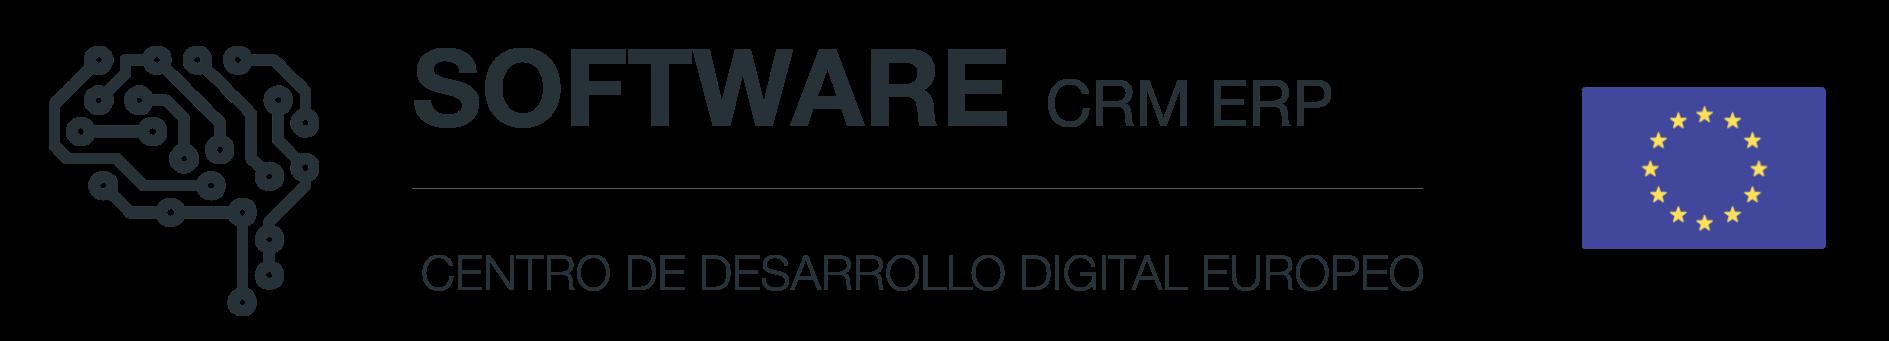 software crm erp gestión empresarial